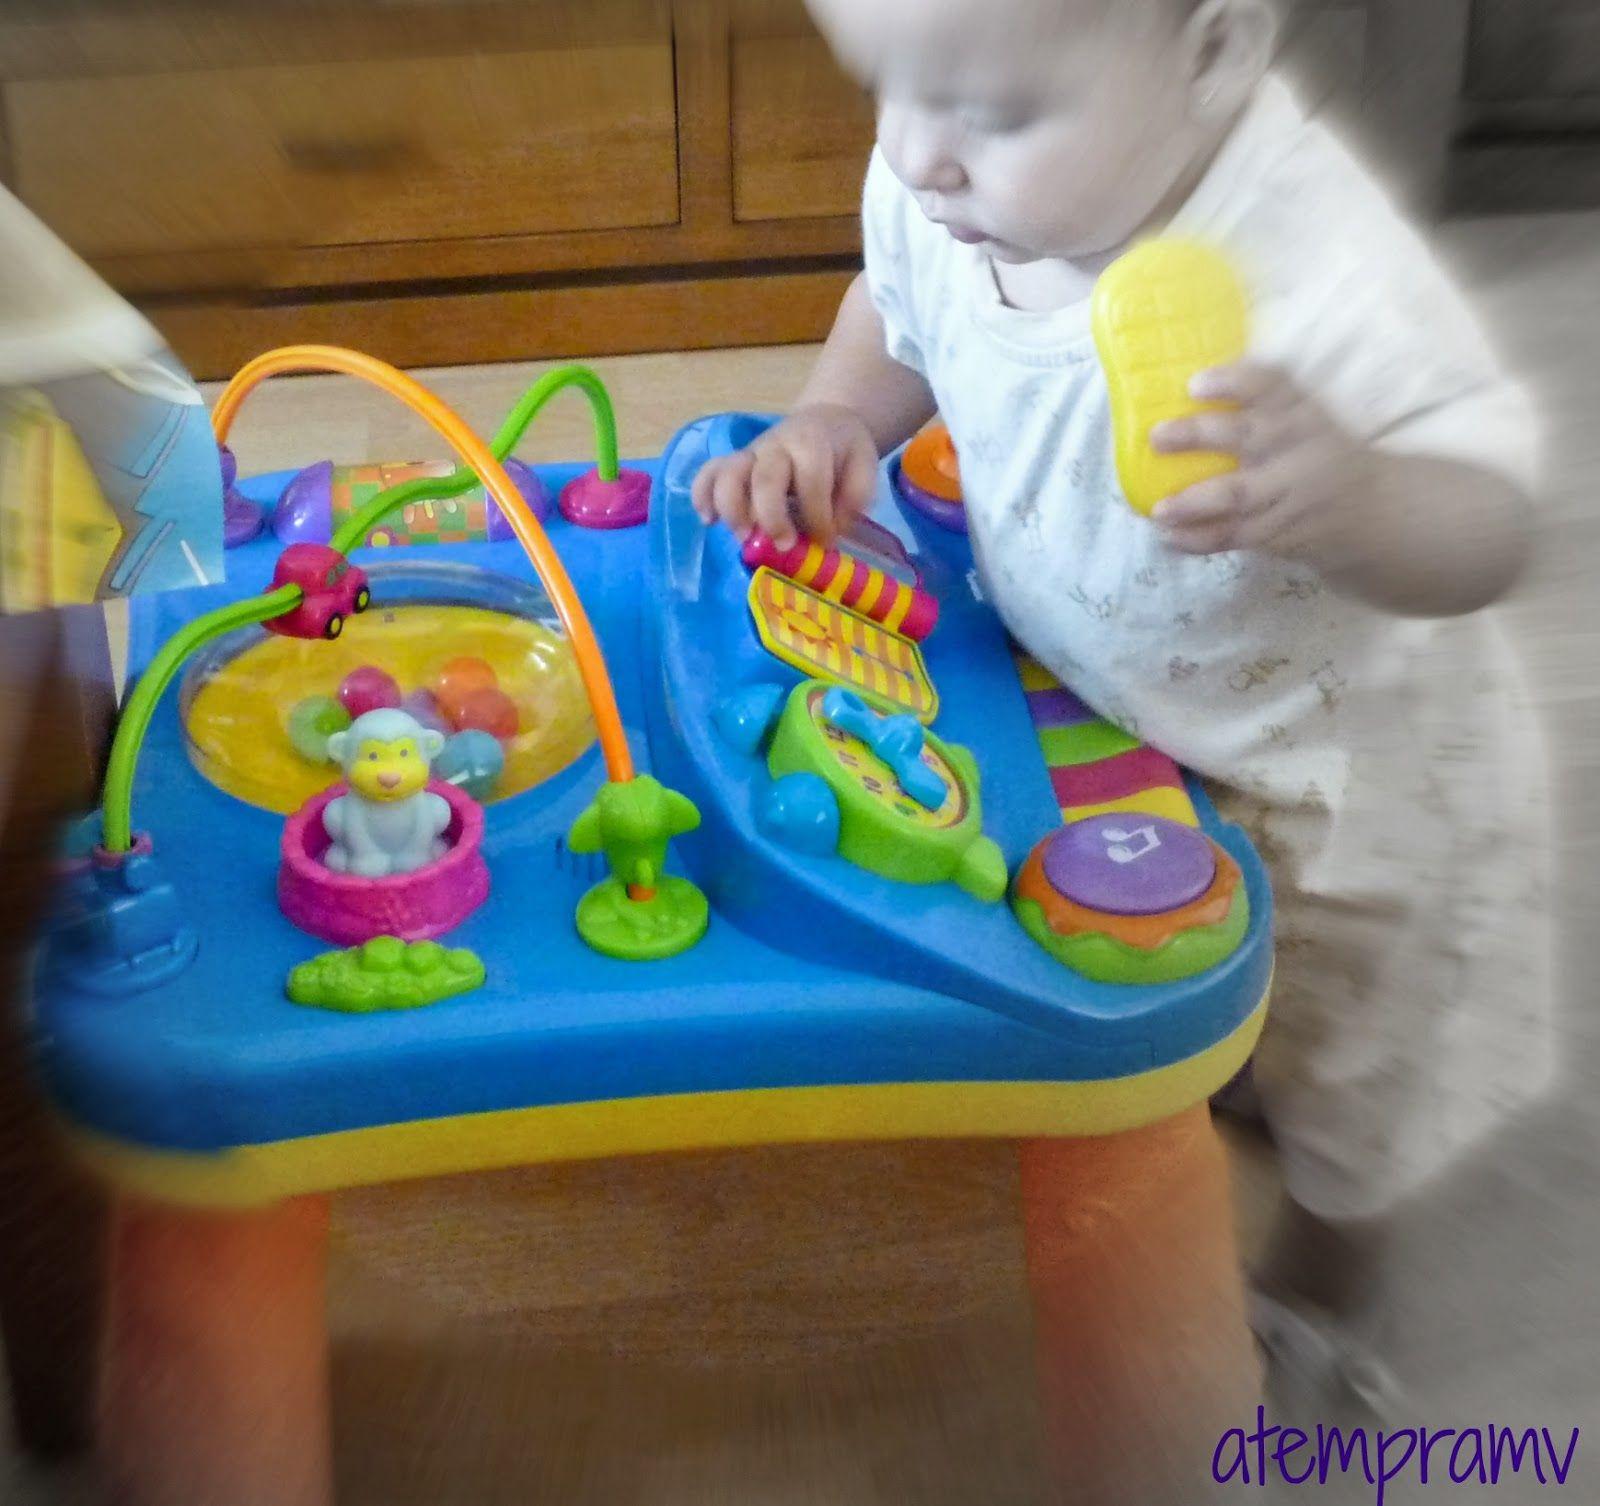 Attempra: Estimulación Infantil  12-18 meses